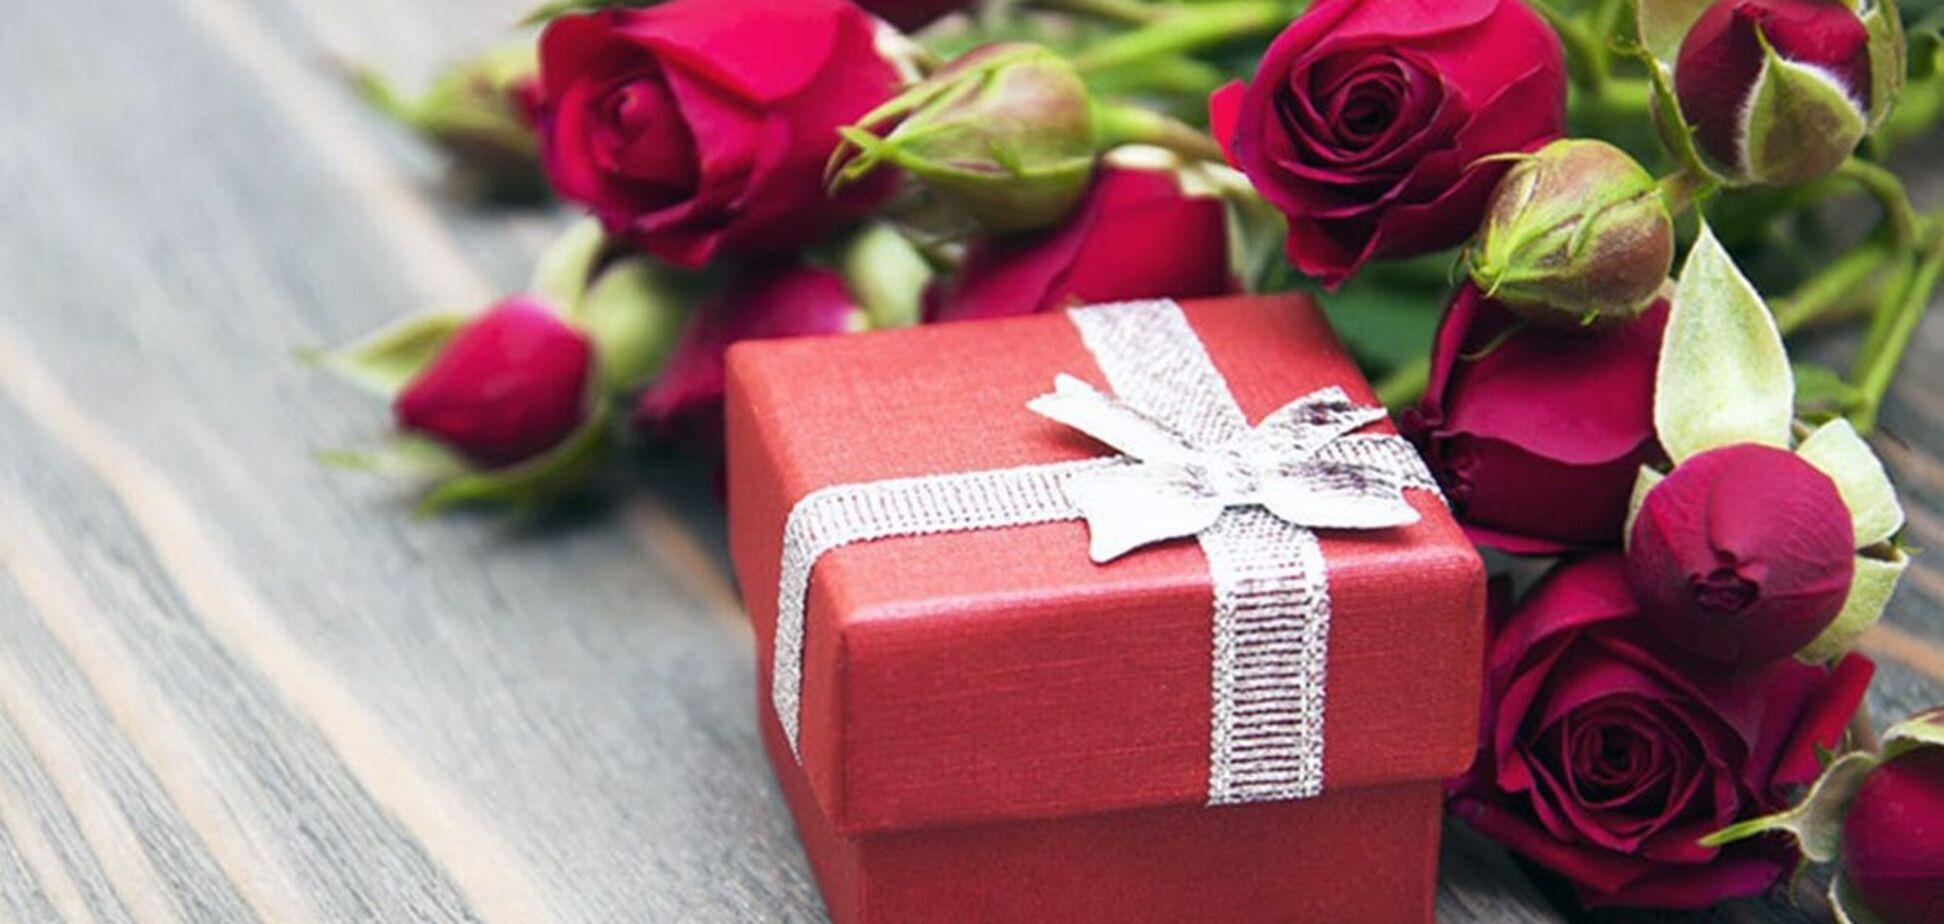 OBOZREVATEL собрал лучшие акционные предложения для подарков на День влюбленных